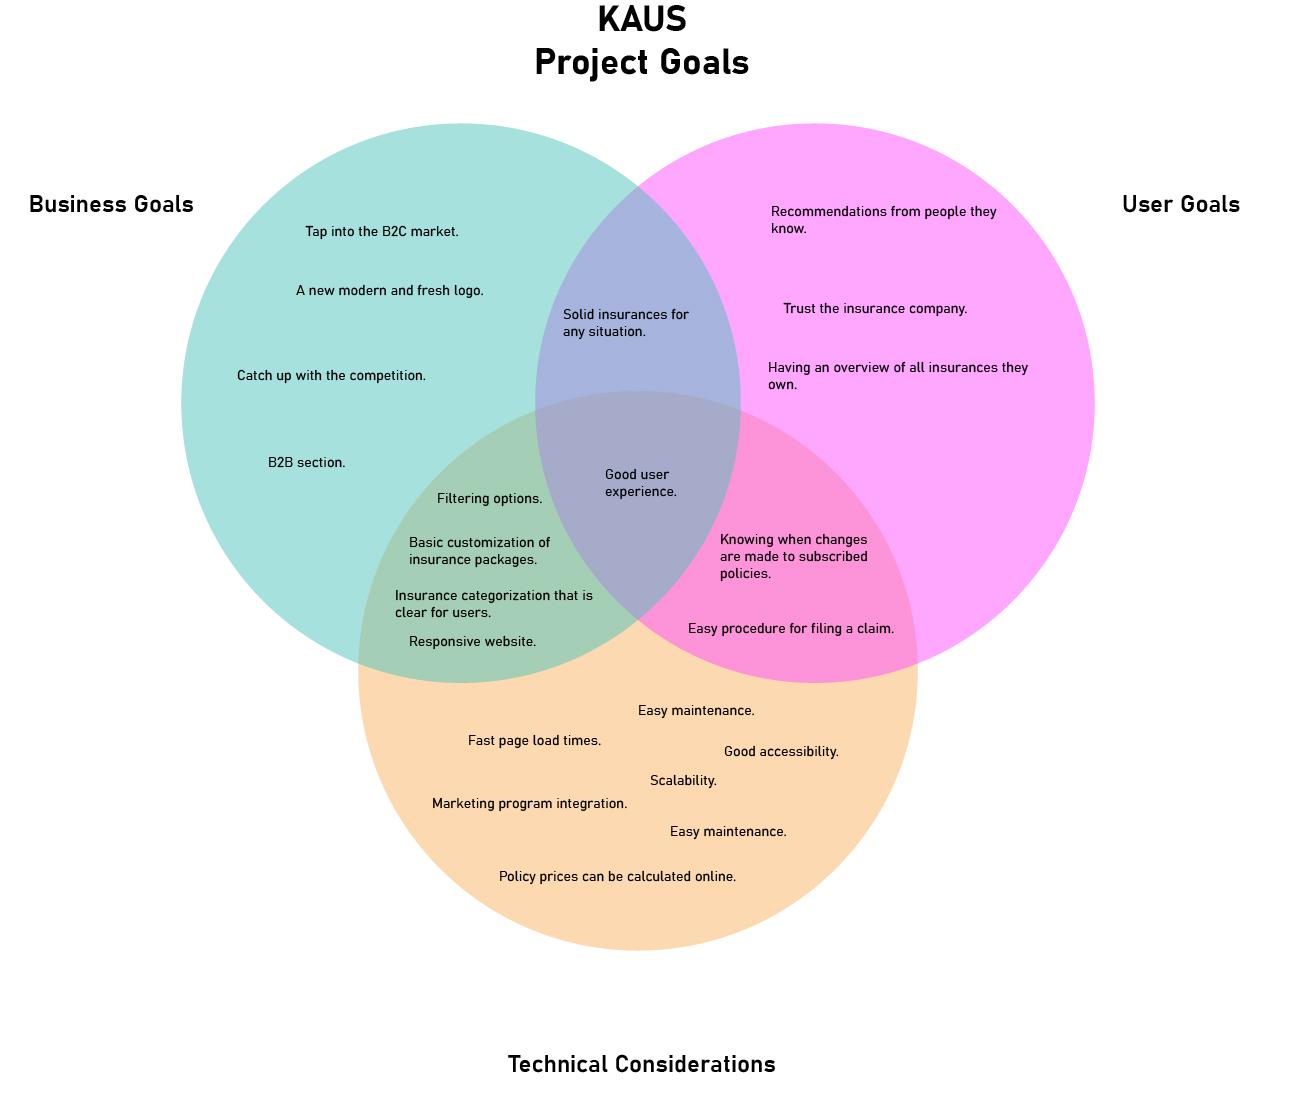 project_goals_2019-10-20